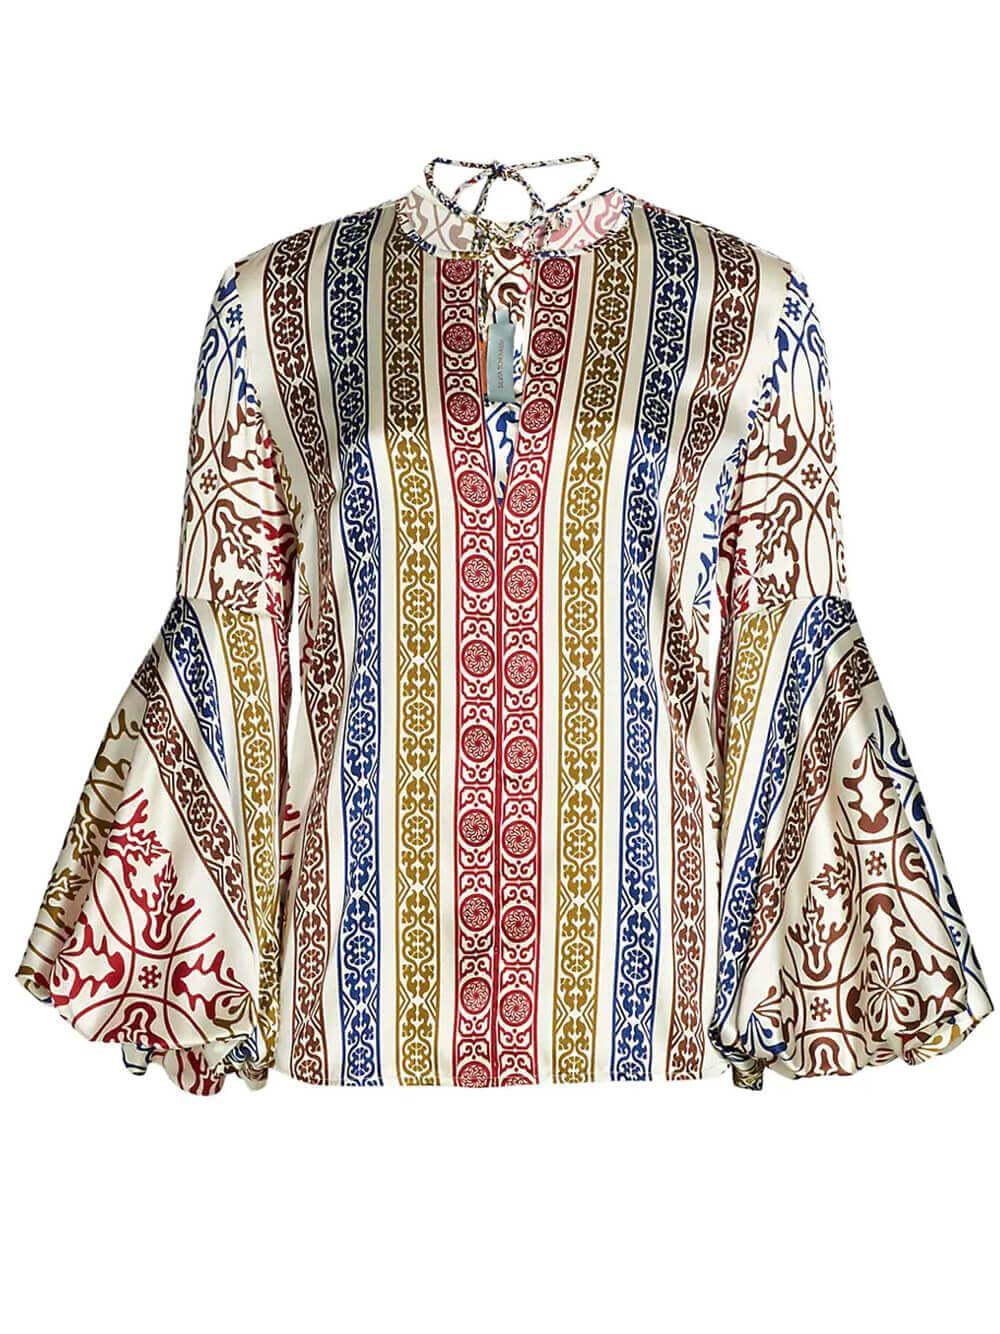 Borsani Shirt Item # 7702931-118